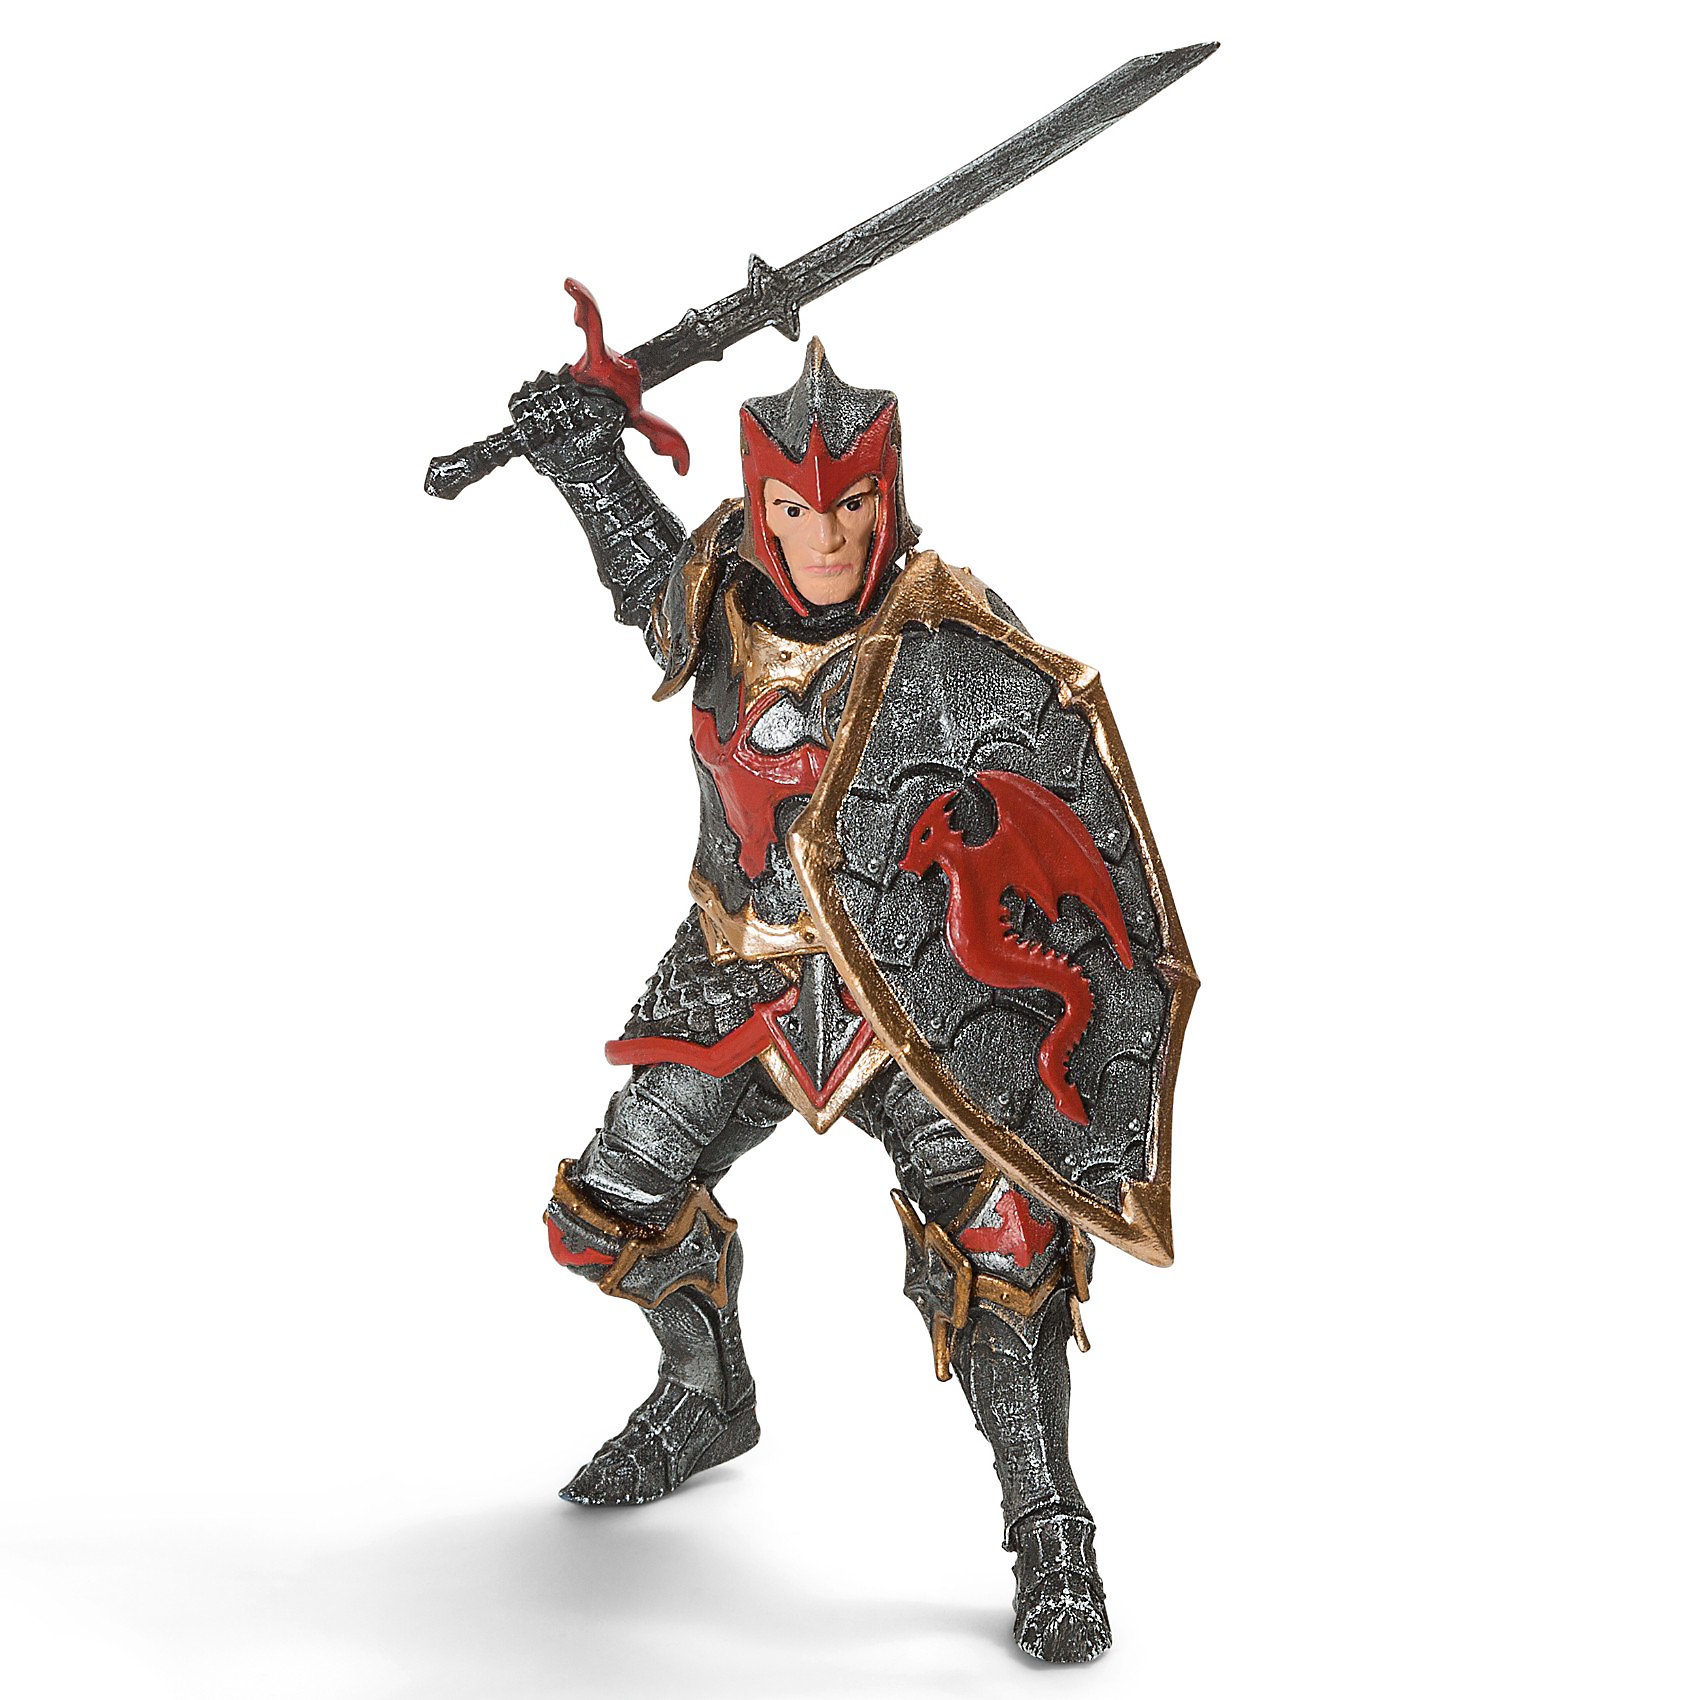 Рыцарь с мечом Орден Дракона, SchleichСолдатики и рыцари<br>Рыцарь с мечом Орден Дракона от Schleich (Шляйх) – величайший фехтовальщик Ордена Дракона. Его оружие – это семейная реликвия, которая передается на протяжении веков от отца к сыну.<br><br>Дополнительная информация:<br><br>-фигурка Рыцарь Дракона с мечом раскрашенная вручную, сделана из безопасного материала – каучукового пластика.<br>-размеры (ДхШхВ): 16,3х3х5,8 см<br><br>Соберите с ребенком свою армию рыцарей и сразитесь с врагом!<br><br>Рыцаря с мечом Орден Дракона, Schleich (Шляйх) можно купить в нашем интернет-магазине.<br><br>Ширина мм: 169<br>Глубина мм: 96<br>Высота мм: 68<br>Вес г: 70<br>Возраст от месяцев: 36<br>Возраст до месяцев: 96<br>Пол: Мужской<br>Возраст: Детский<br>SKU: 3164159